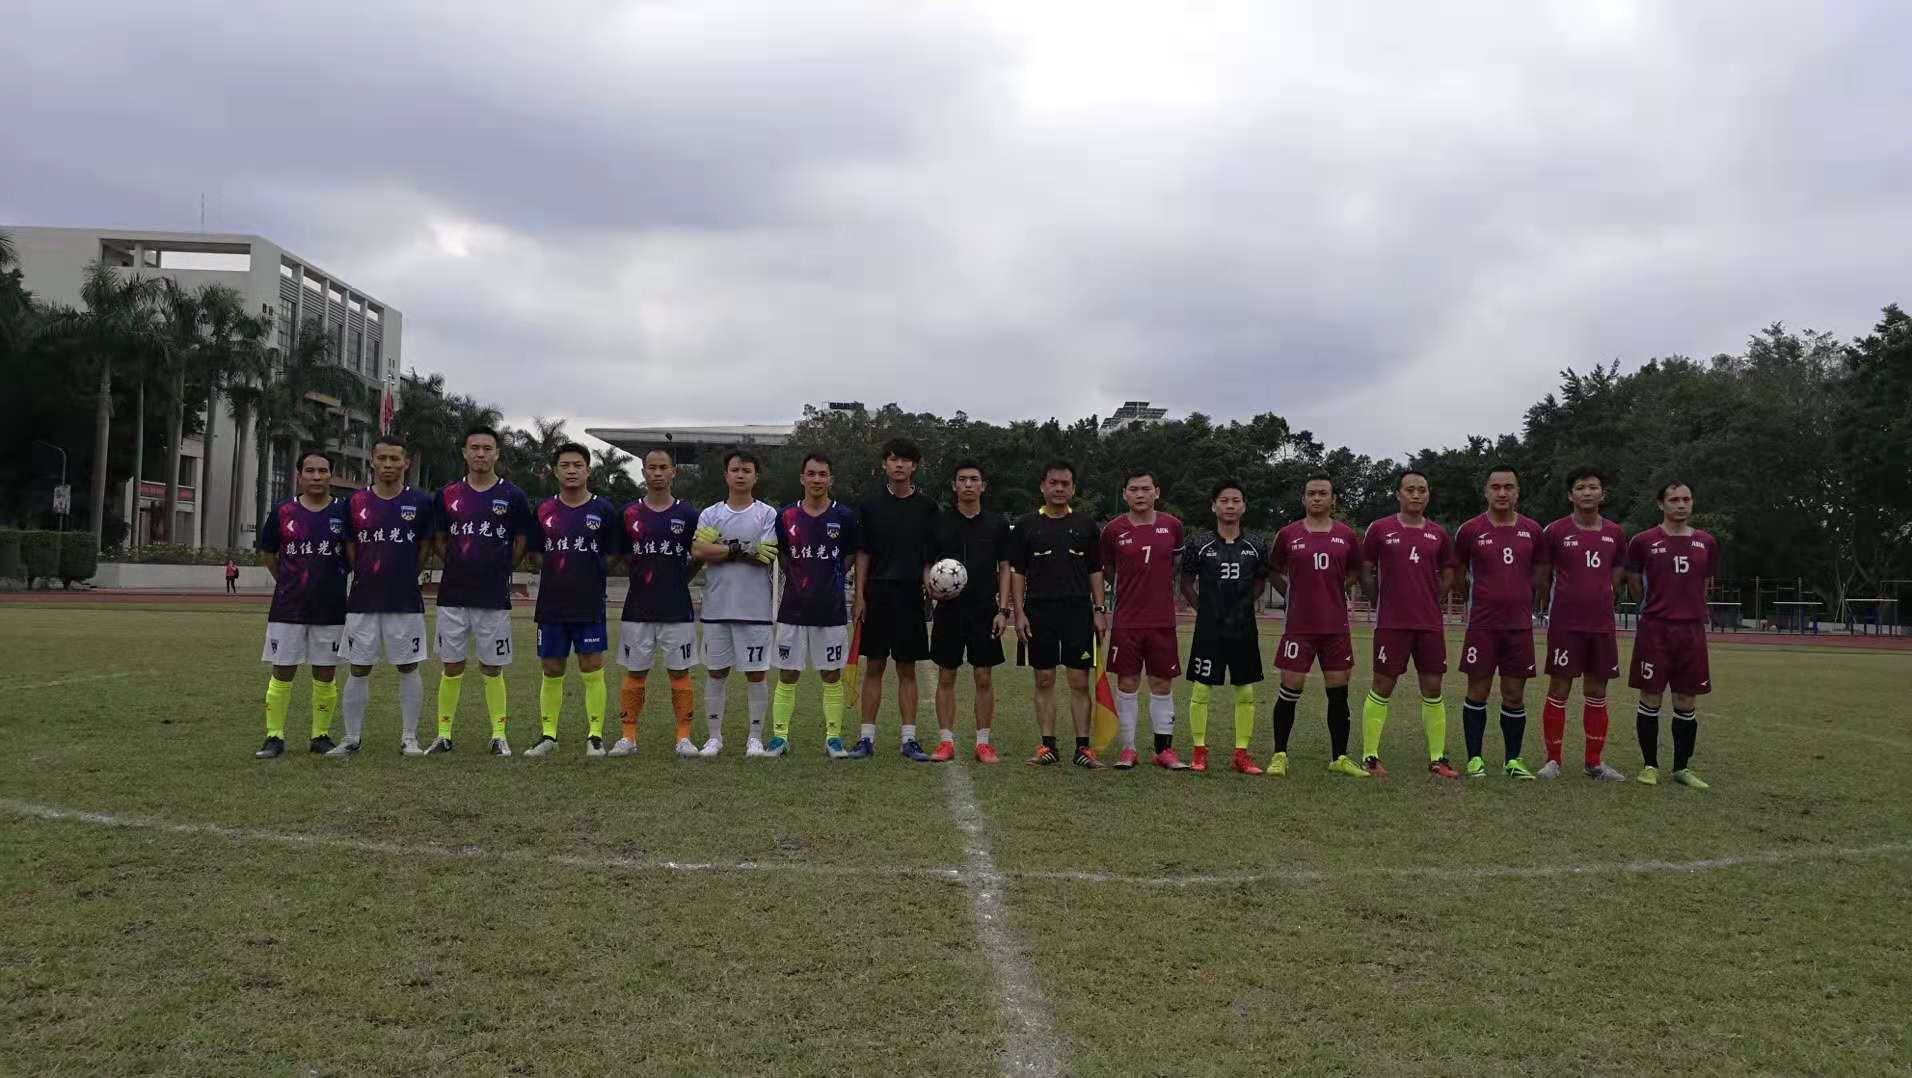 统佳东莞公司足球兴趣小组参加2019东莞迎年杯足球比赛